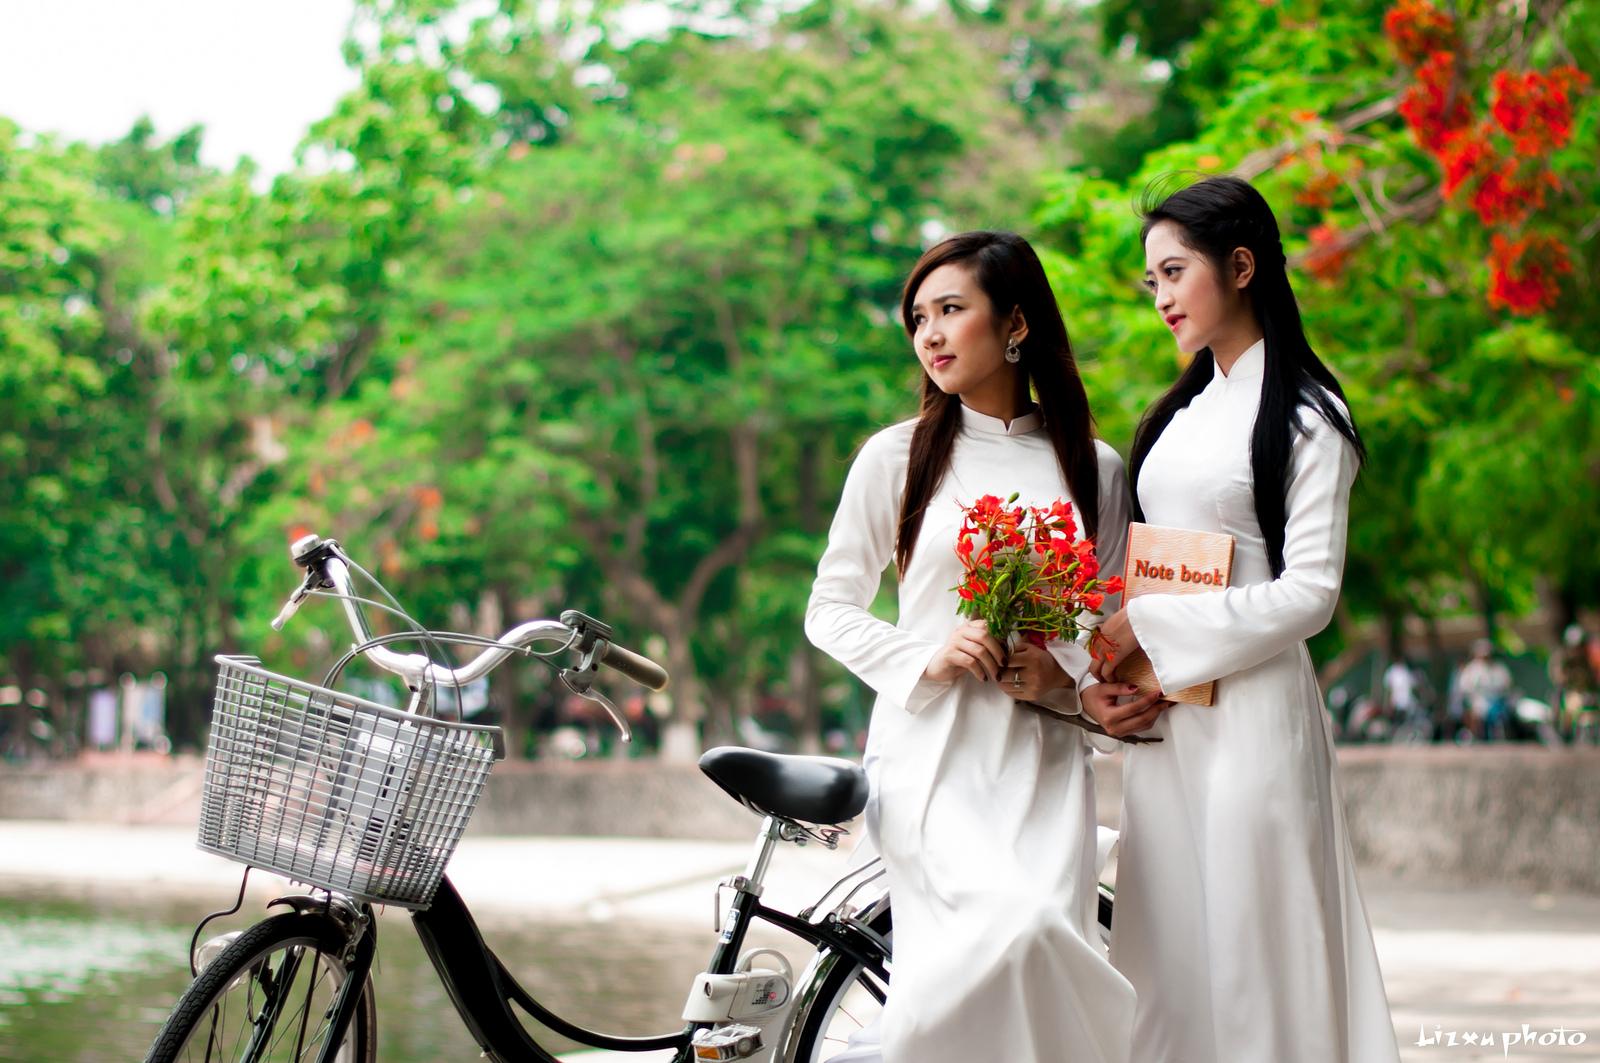 chiếc xe đạp bên hoa phượng